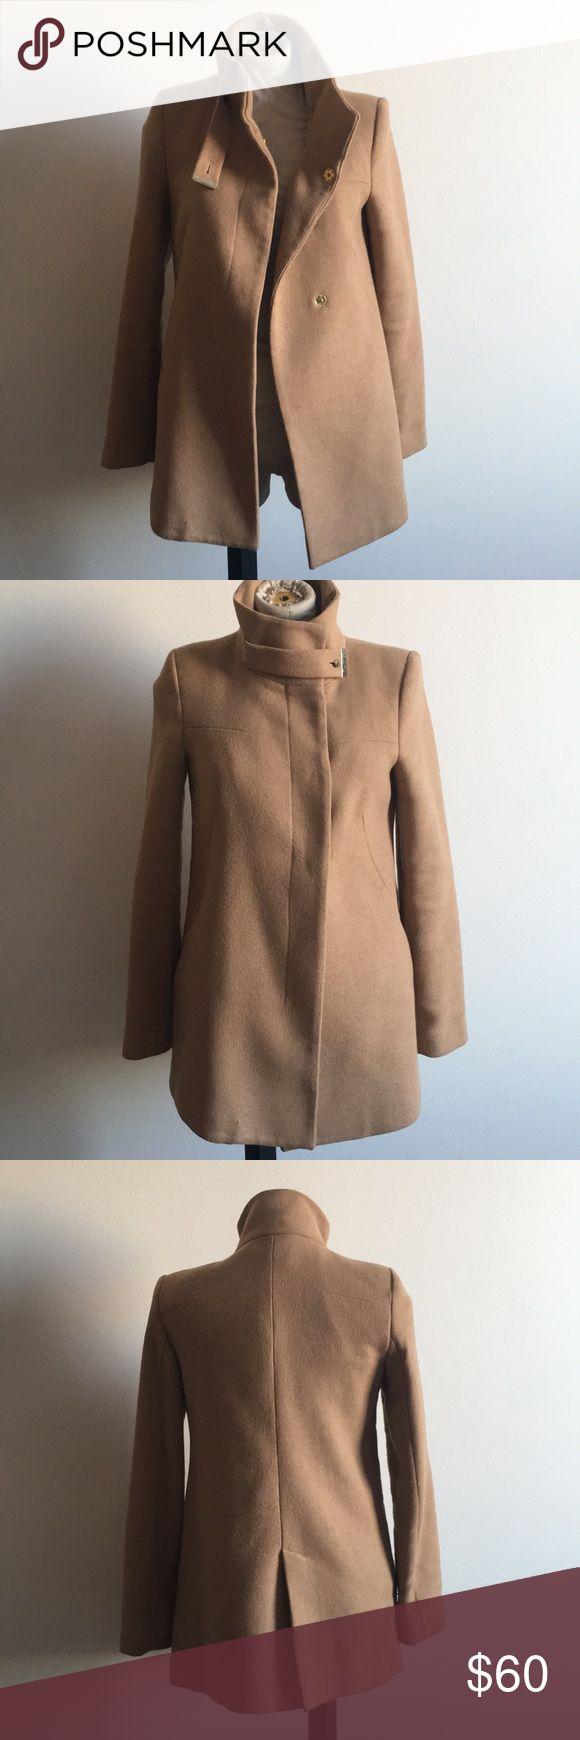 Mango dressy jacket Tan dressy jacket 🧥 Mango Jackets & Coats Pea Coats